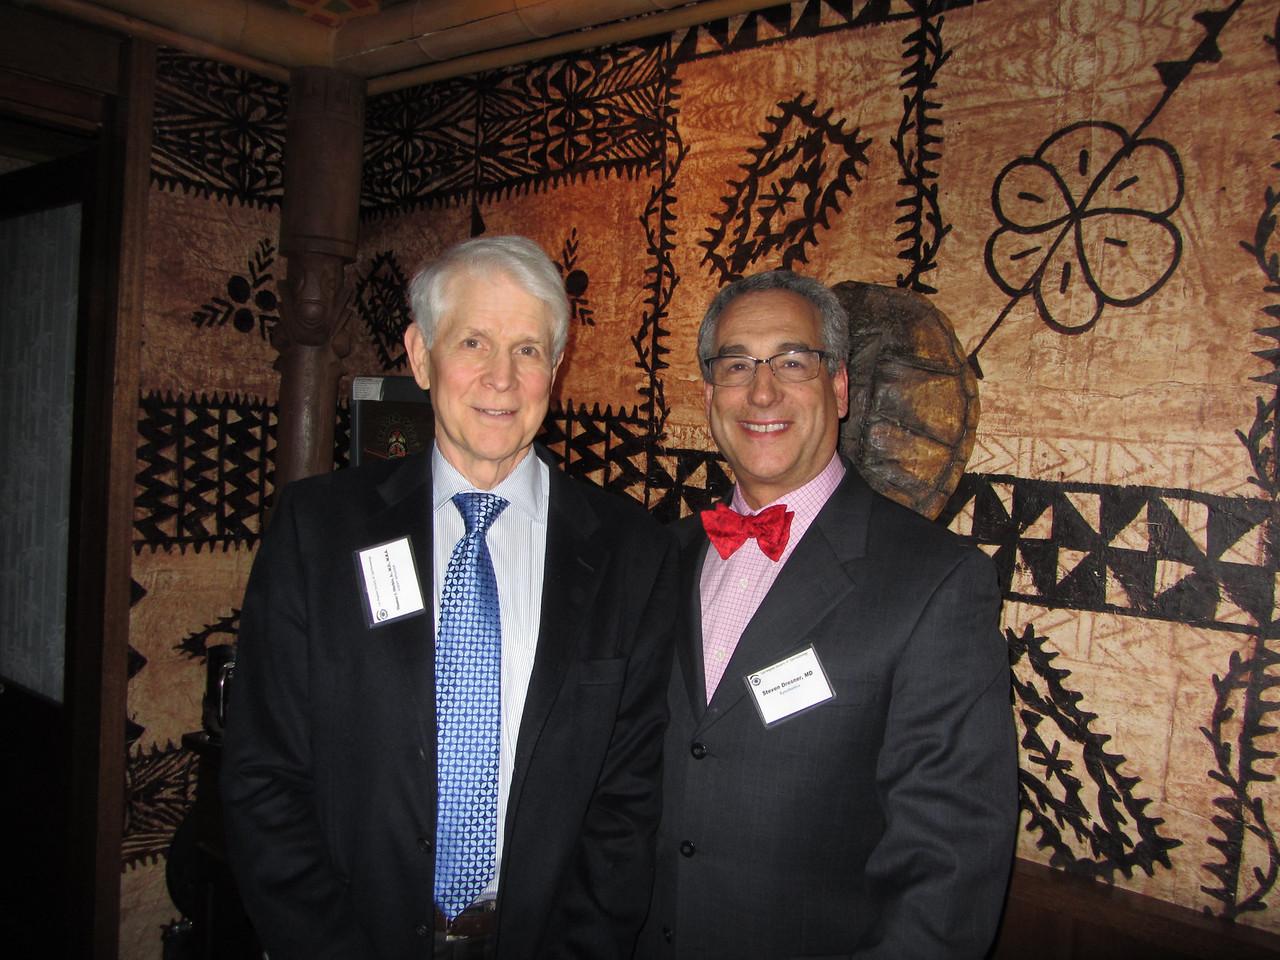 Tom Harbin, author of Waking Up Blind, with Steve Dresner